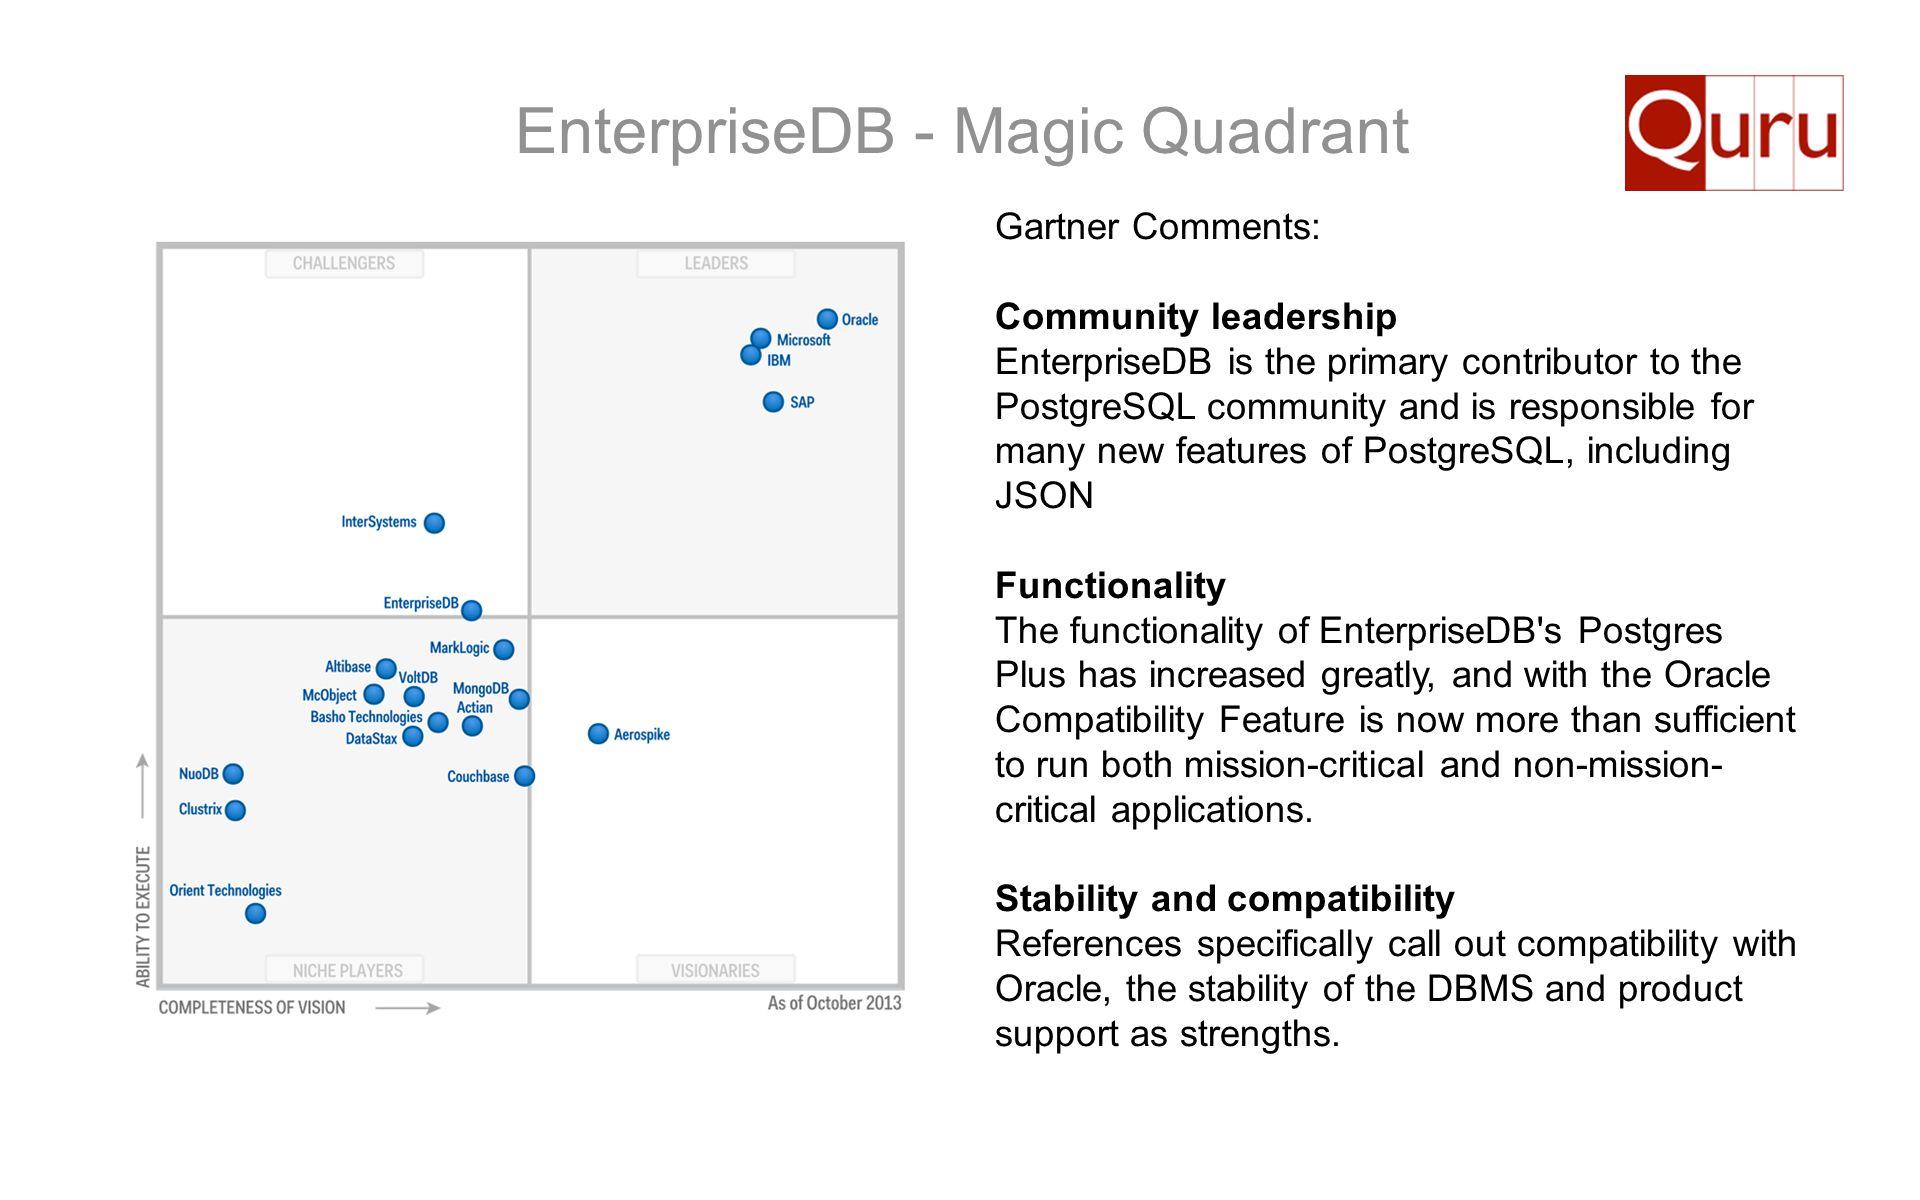 EnterpriseDB - Magic Quadrant